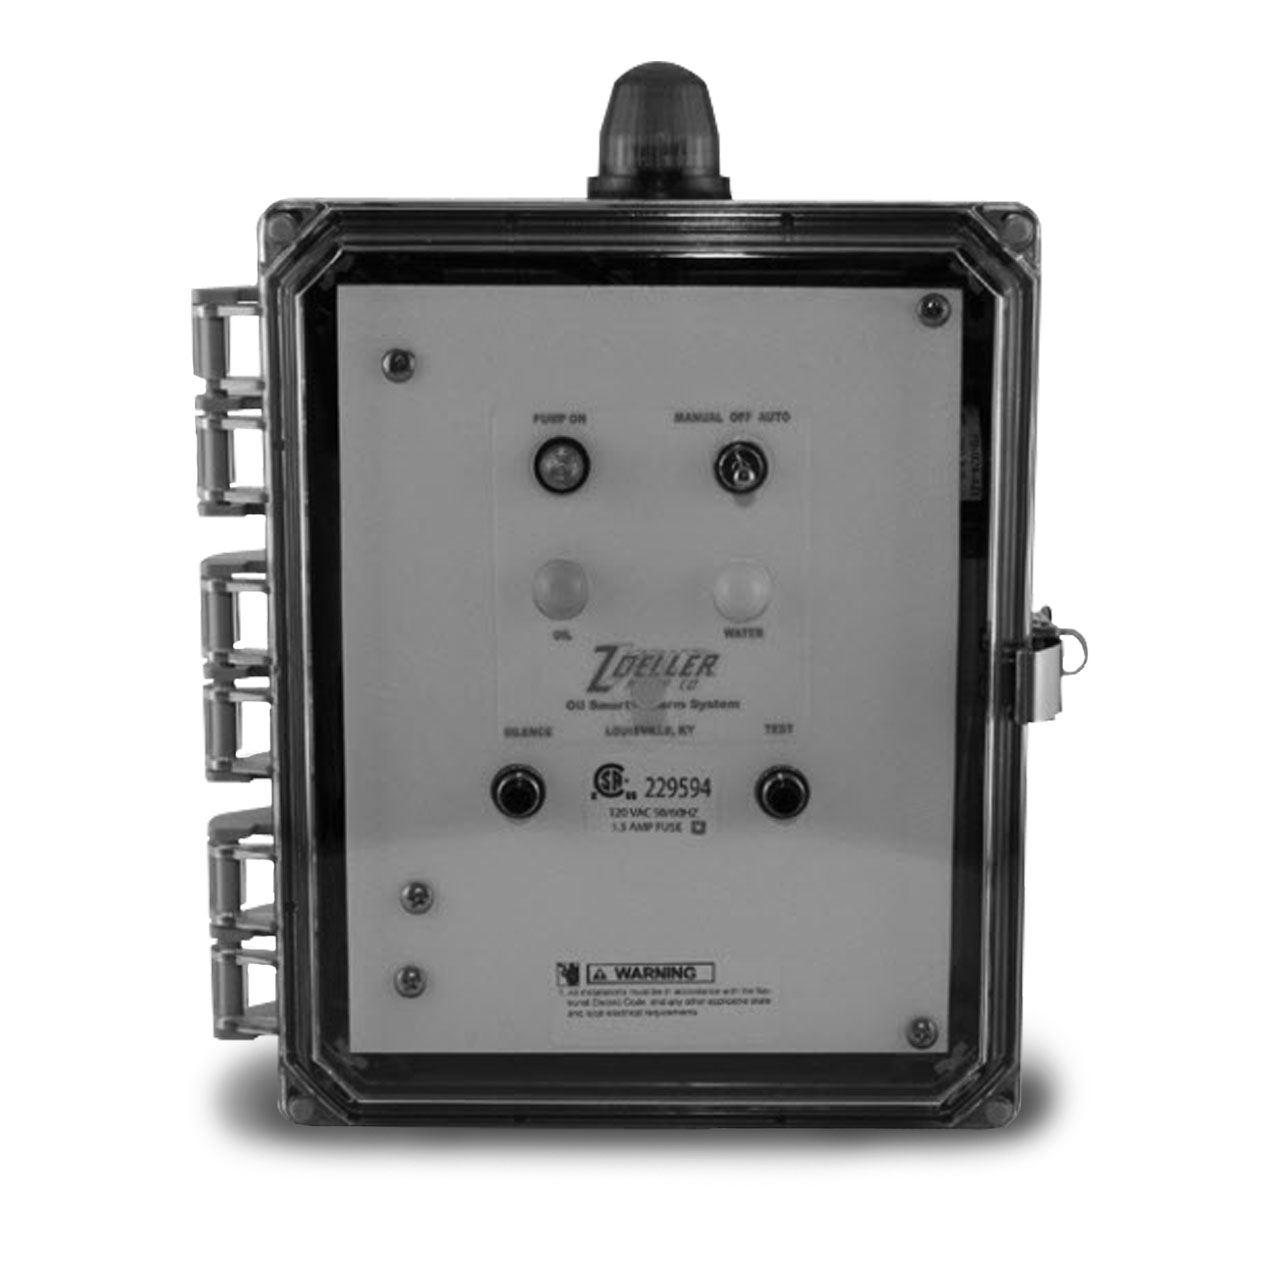 hight resolution of zoeller duplex pump control panel wiring diagram zoeller zoeller 10 2149 oil smart